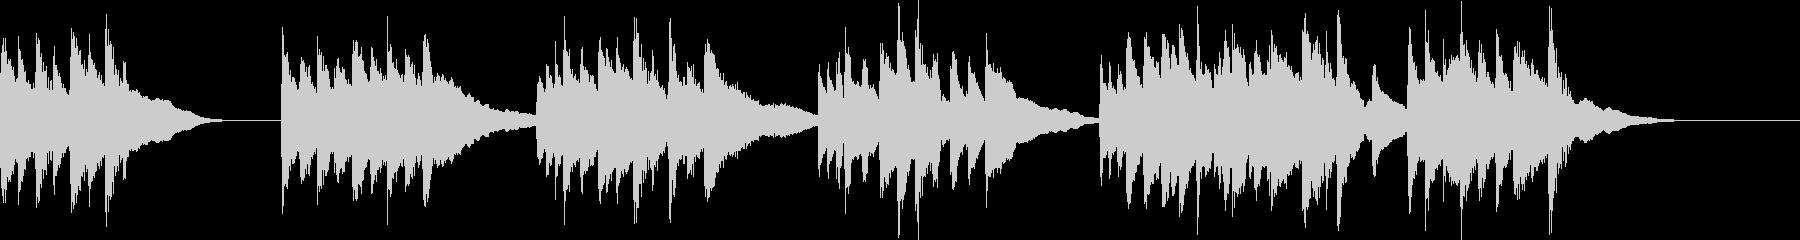 リラックスしたピアノのメロディ 30秒の未再生の波形